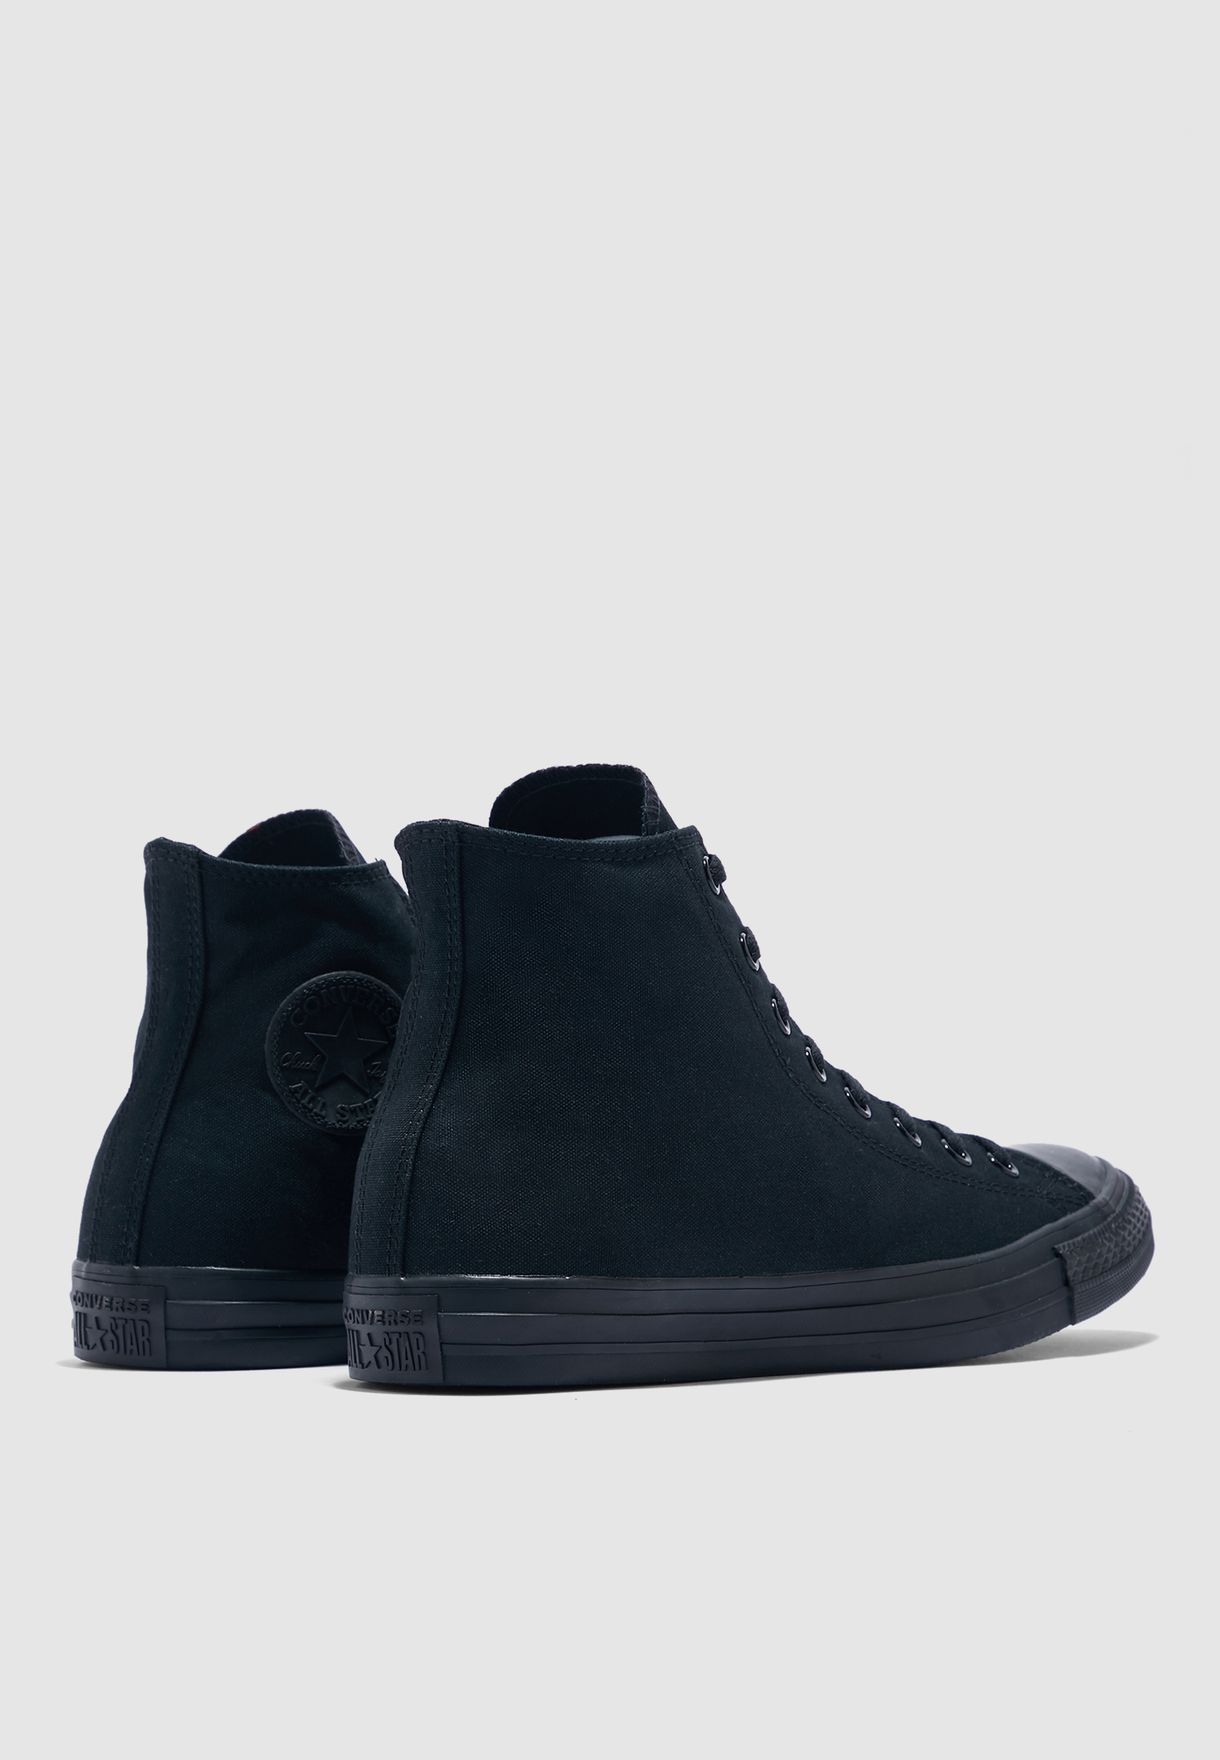 حذاء شاك تايلور اول ستار